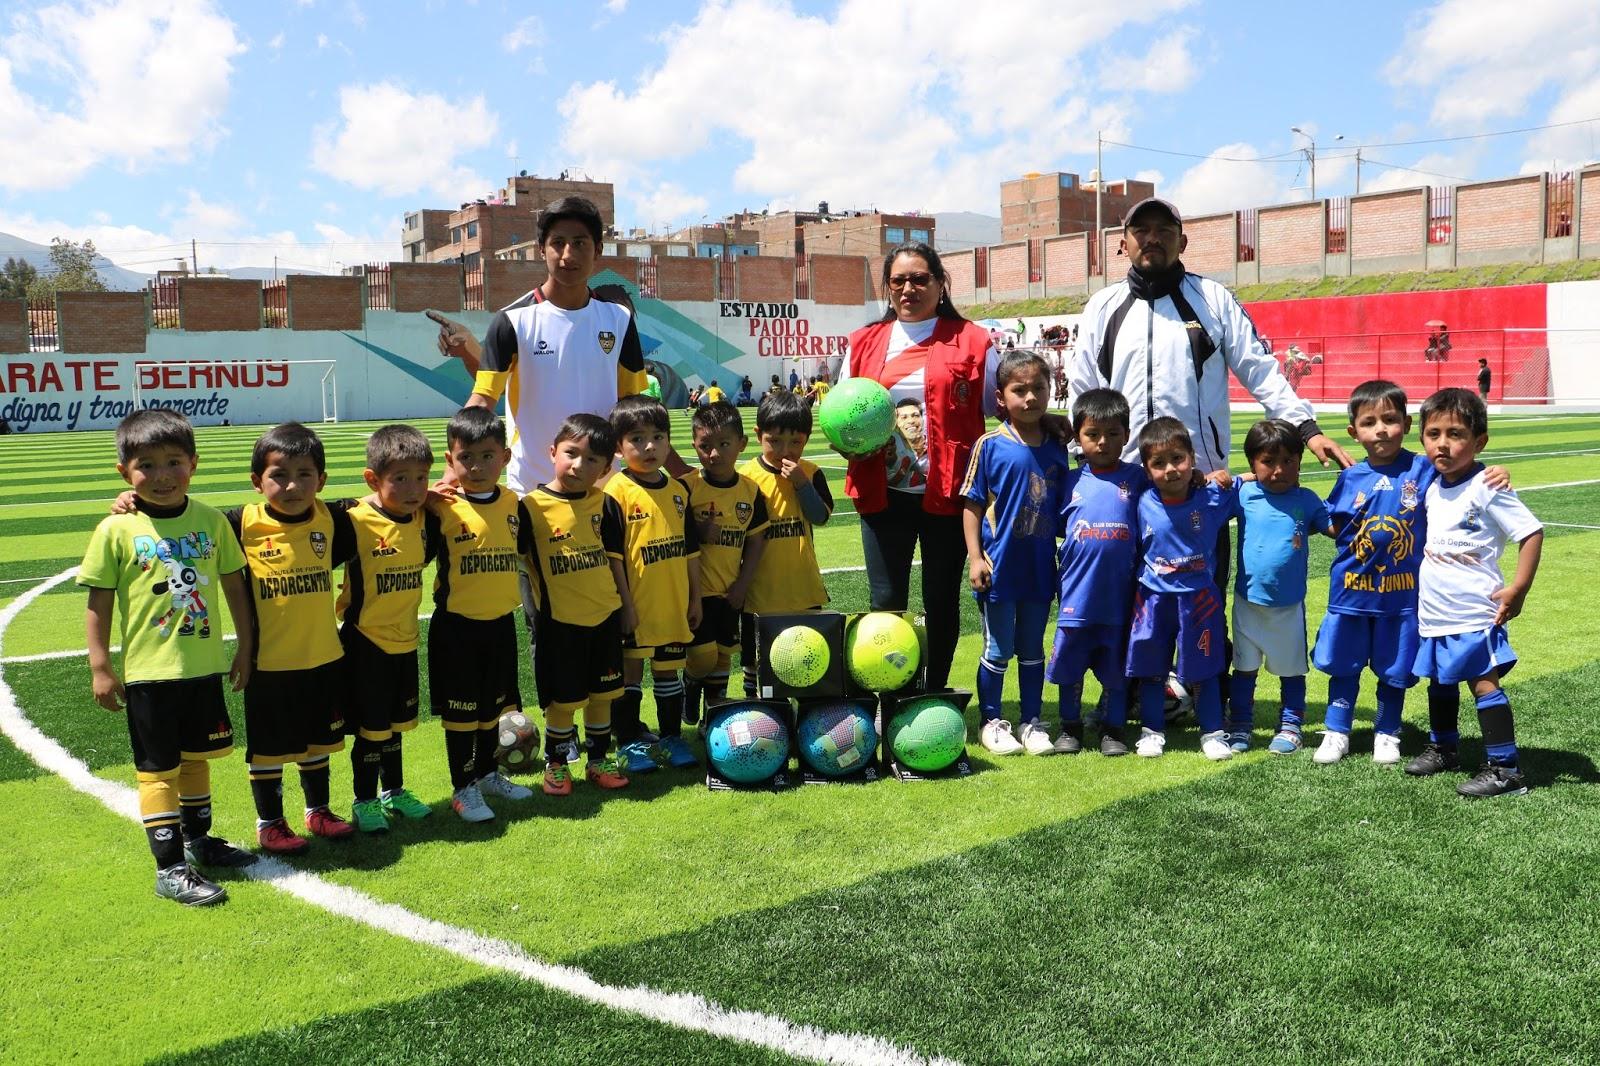 """Alcaldesa tambina entrega balones de fútbol a menores en """"Copa chibolo 2018"""""""